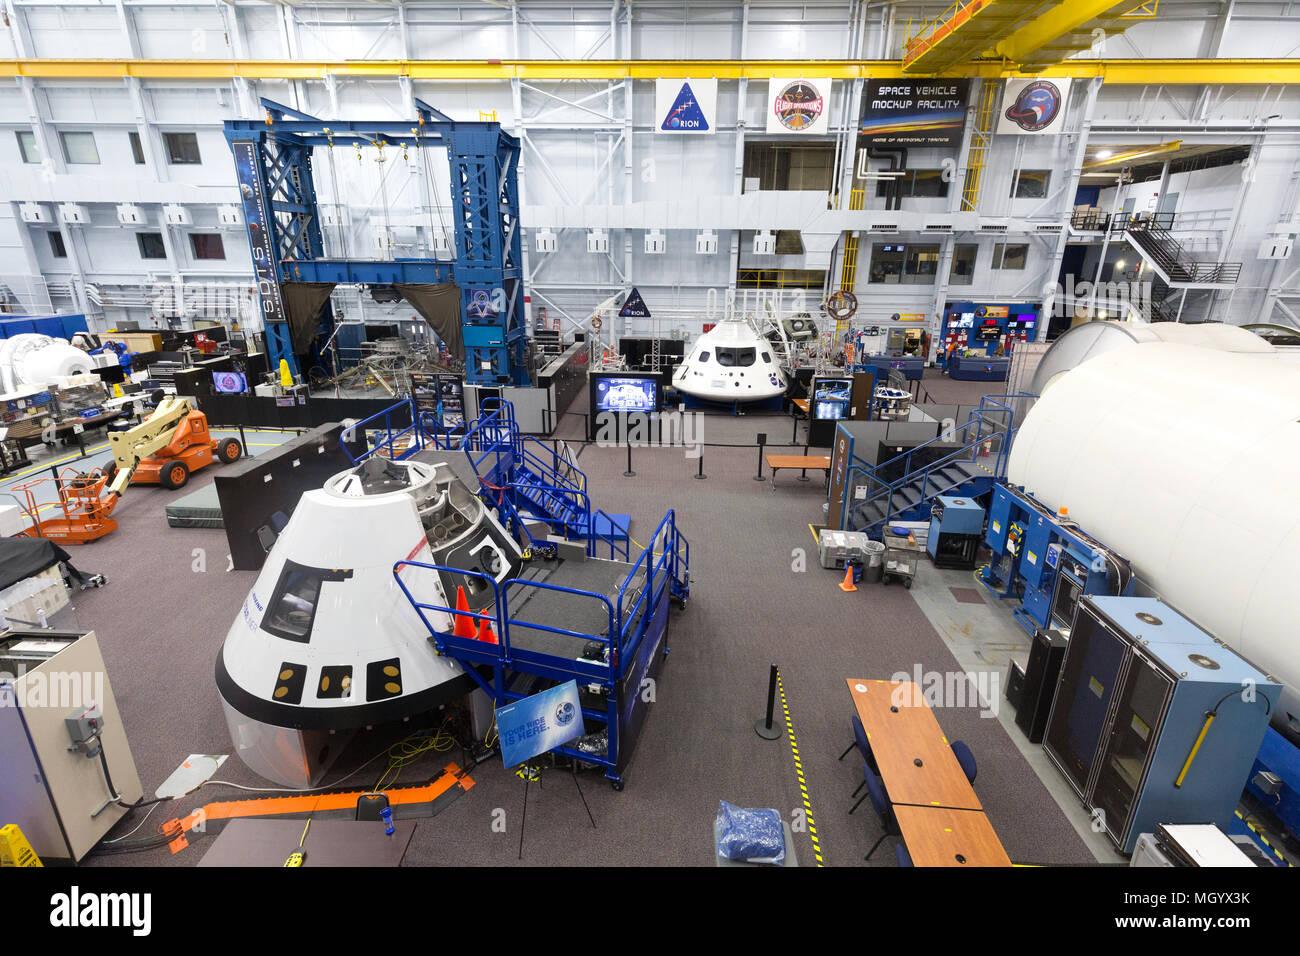 Die Space Shuttle-start für die astronautenausbildung am NASA Johnson Space Center, Houston, Texas, USA Stockbild